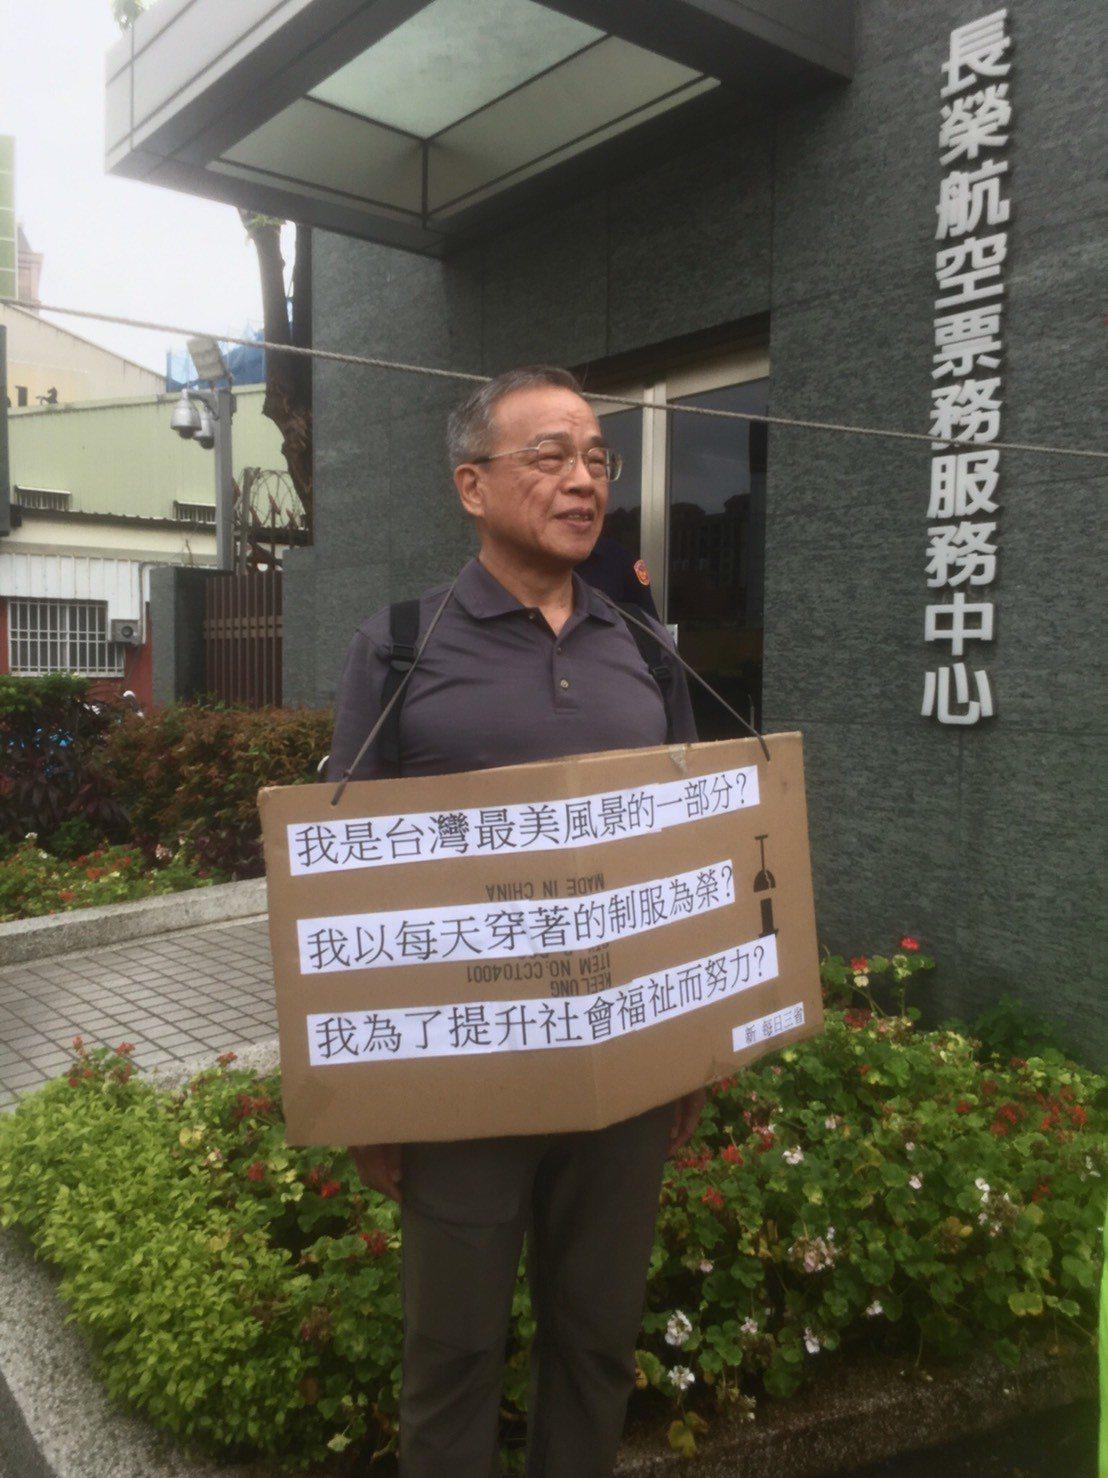 長榮罷工今日邁入第五天,有民眾自行南下到總部淋著雨站崗。圖/記者陳夢茹攝